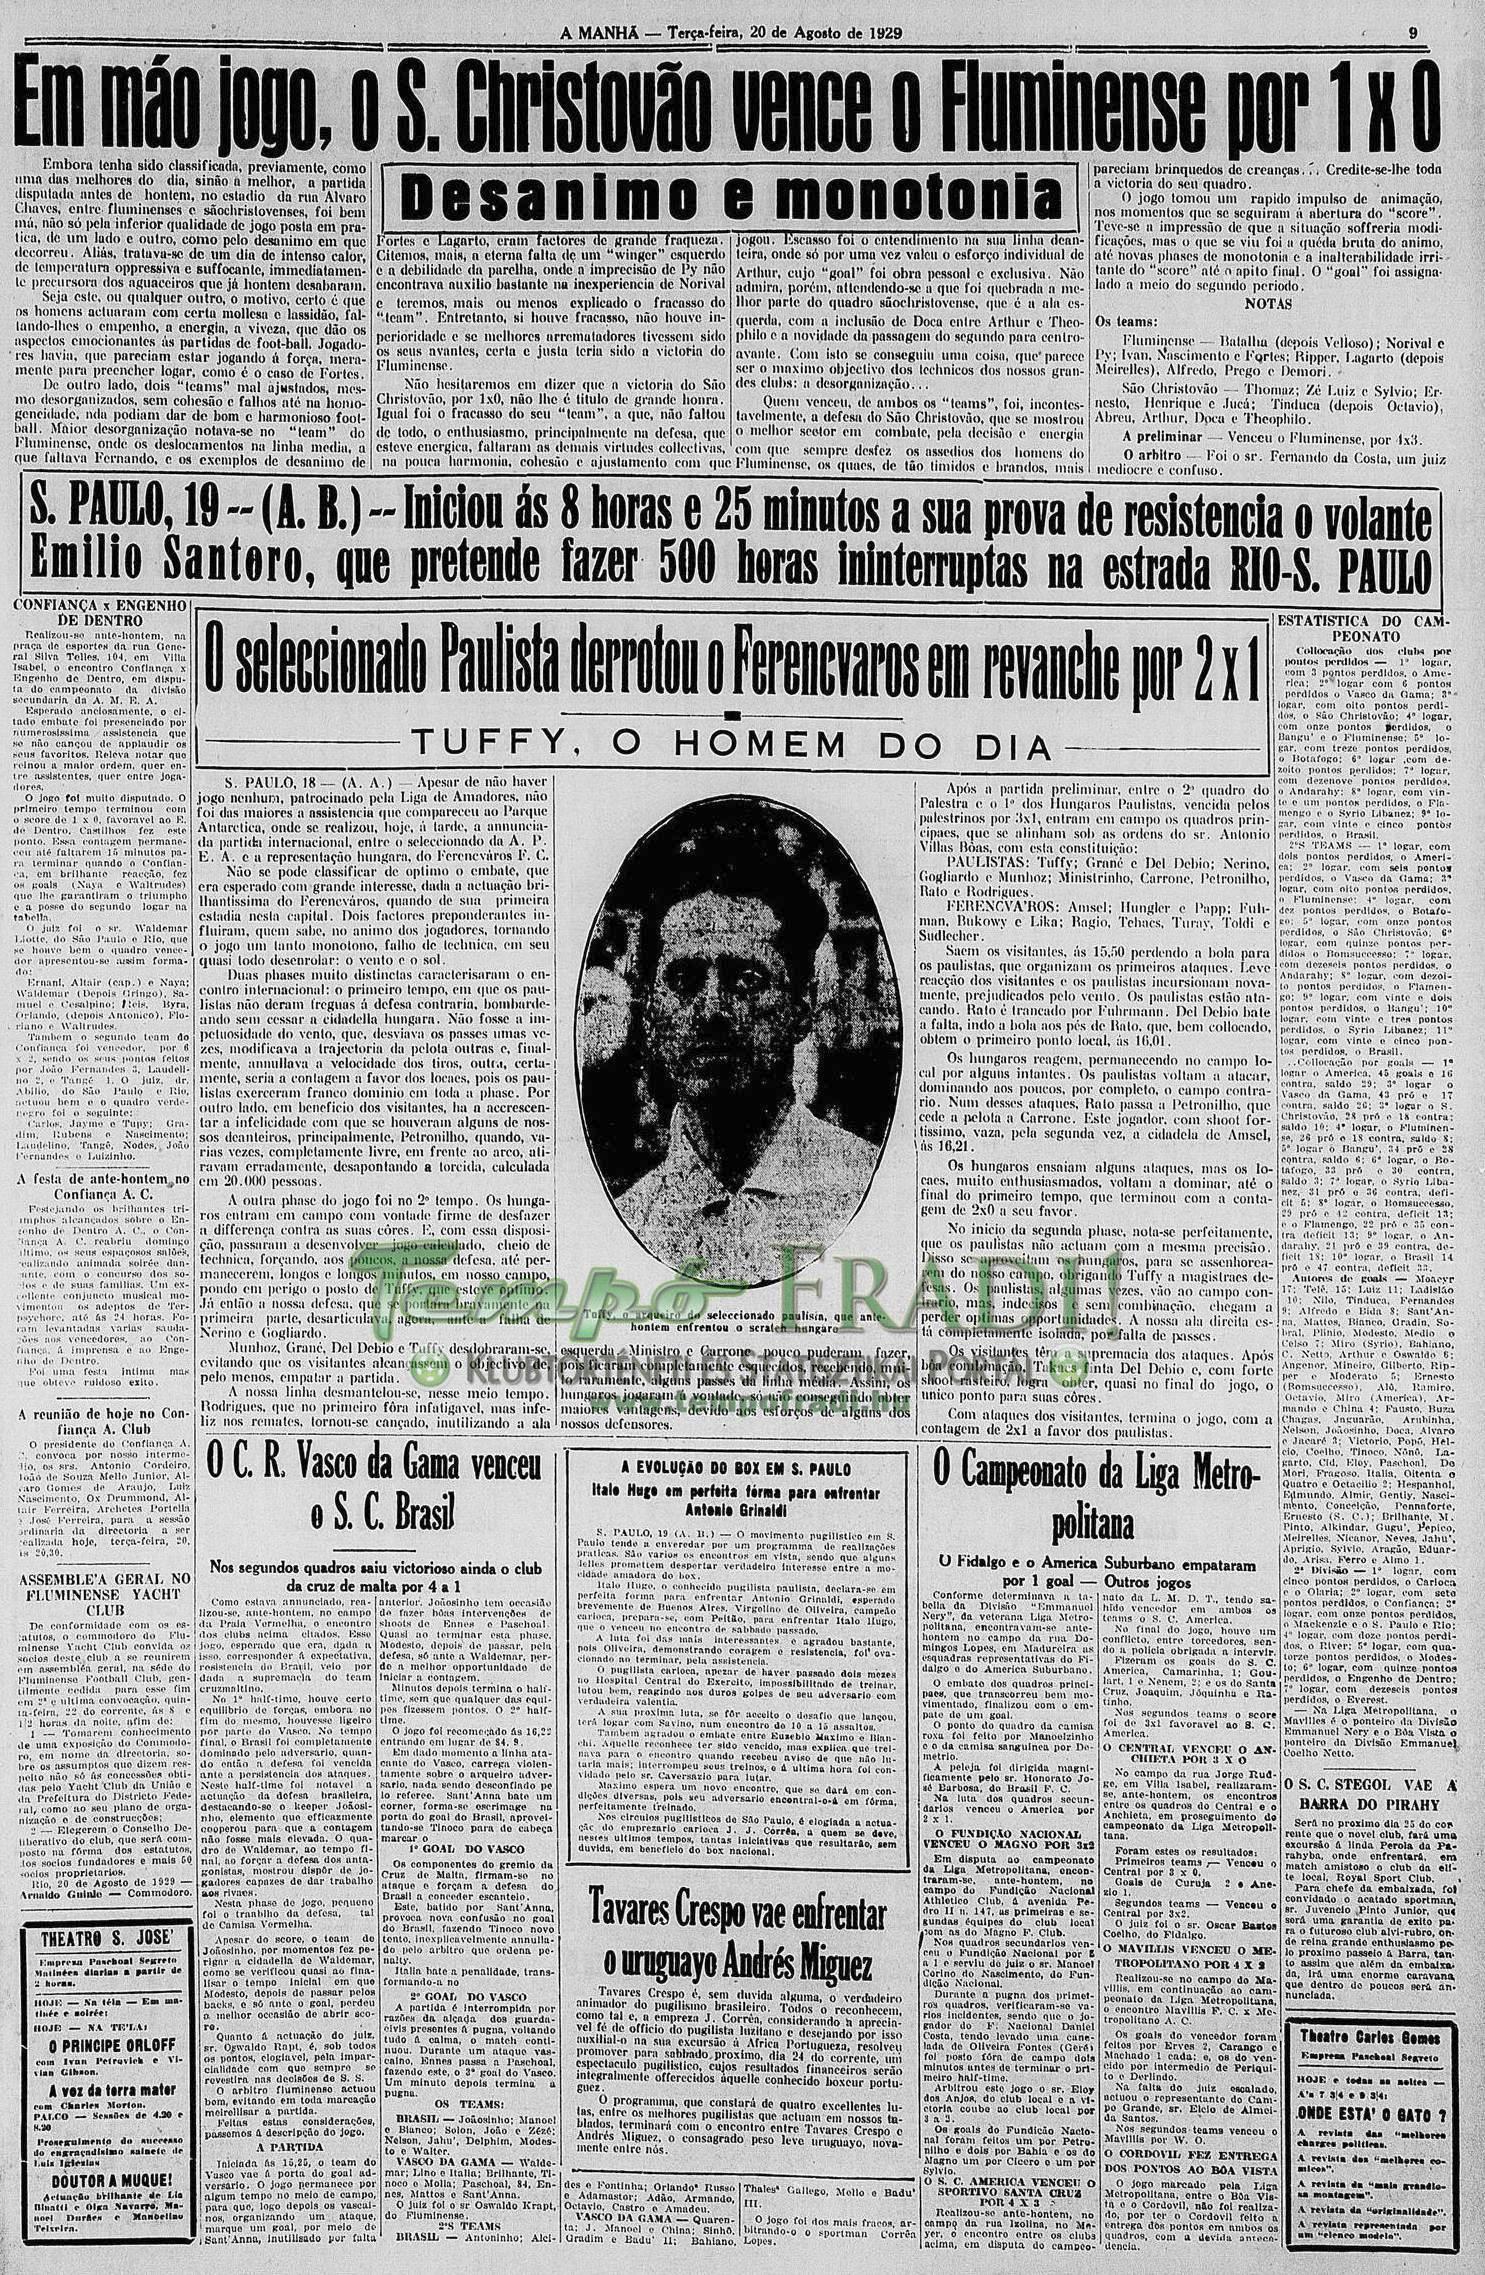 19290817-1929.8.20 A Manha-RJ